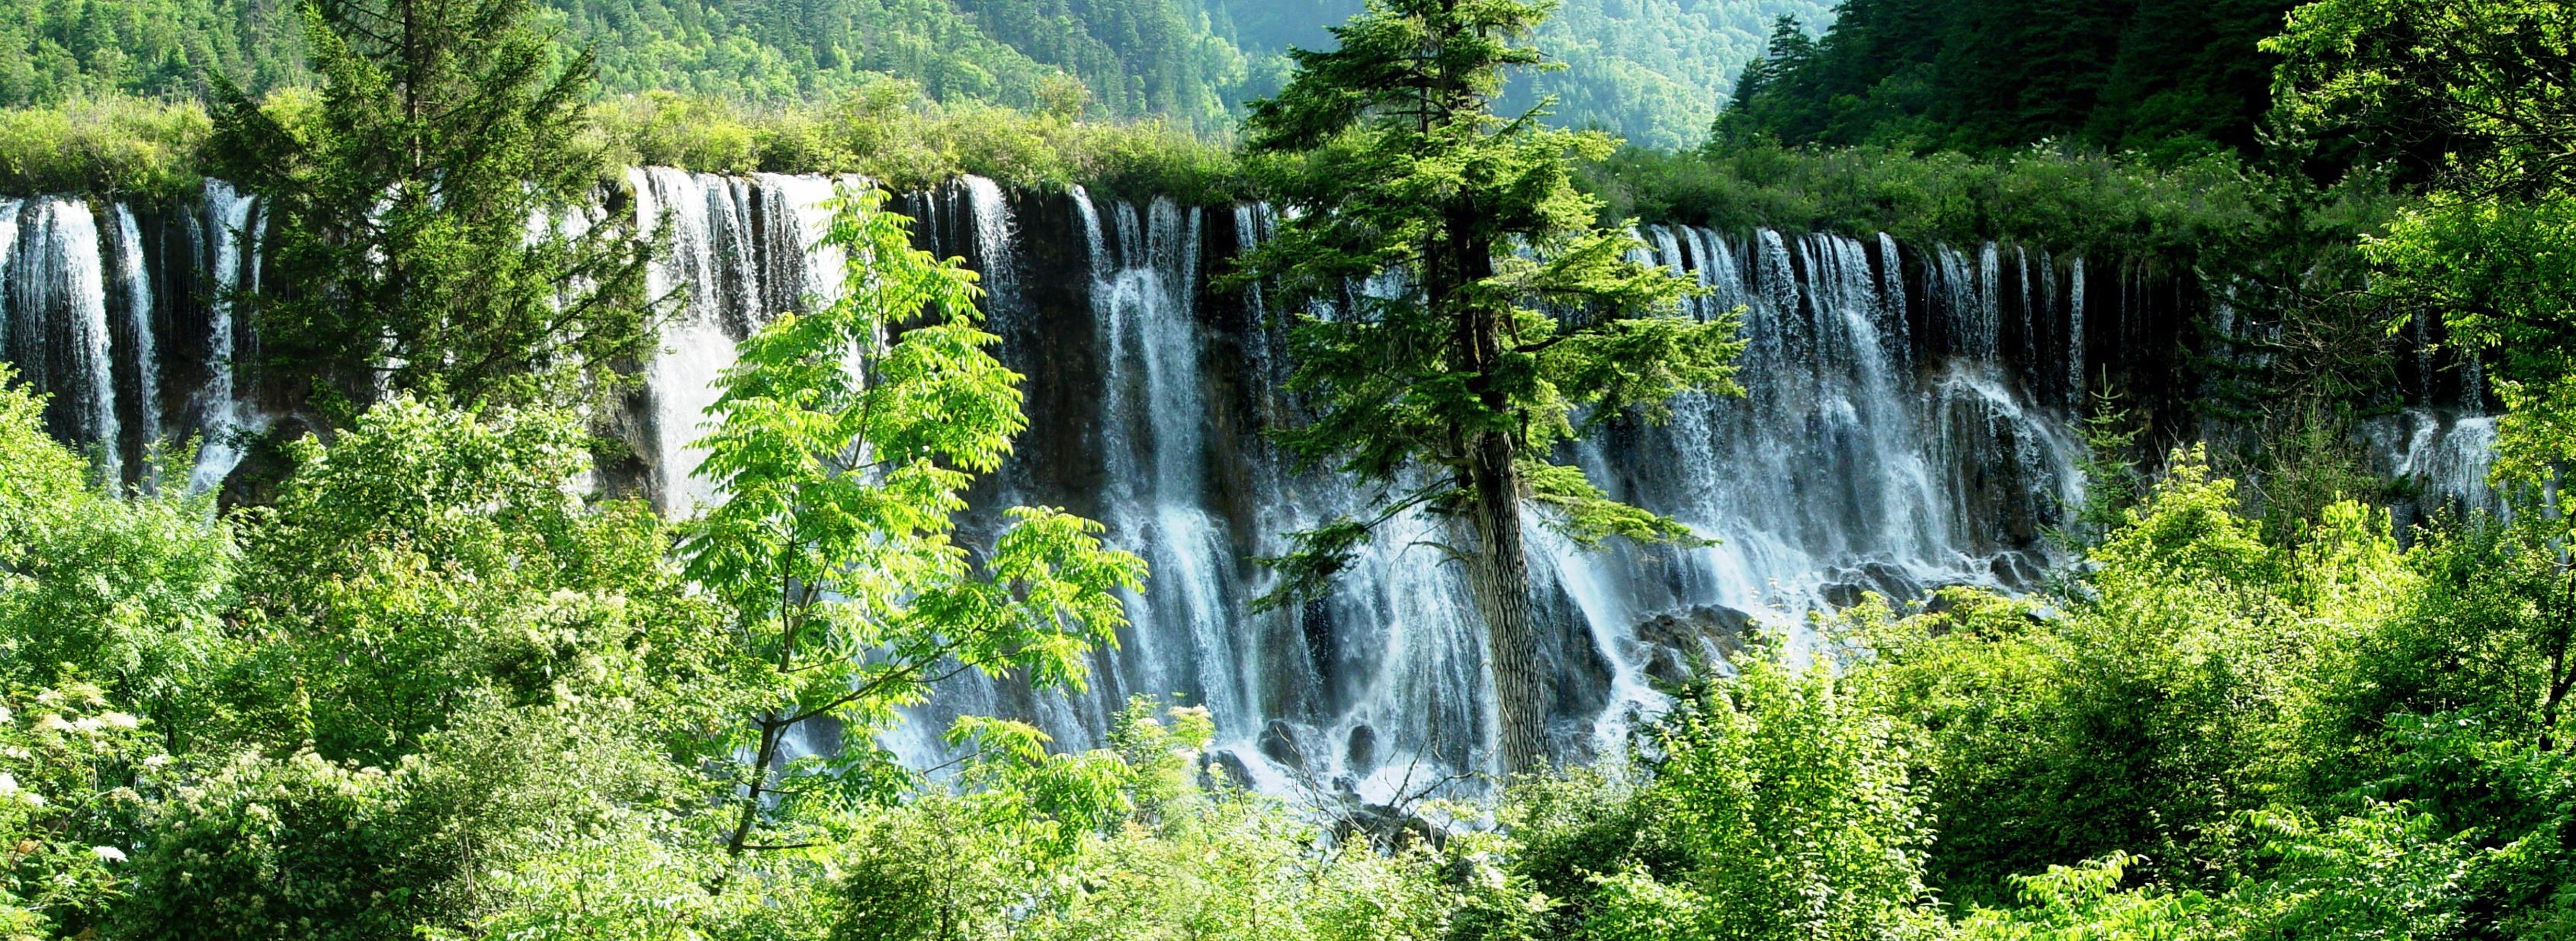 九寨沟风景区打印样张图片